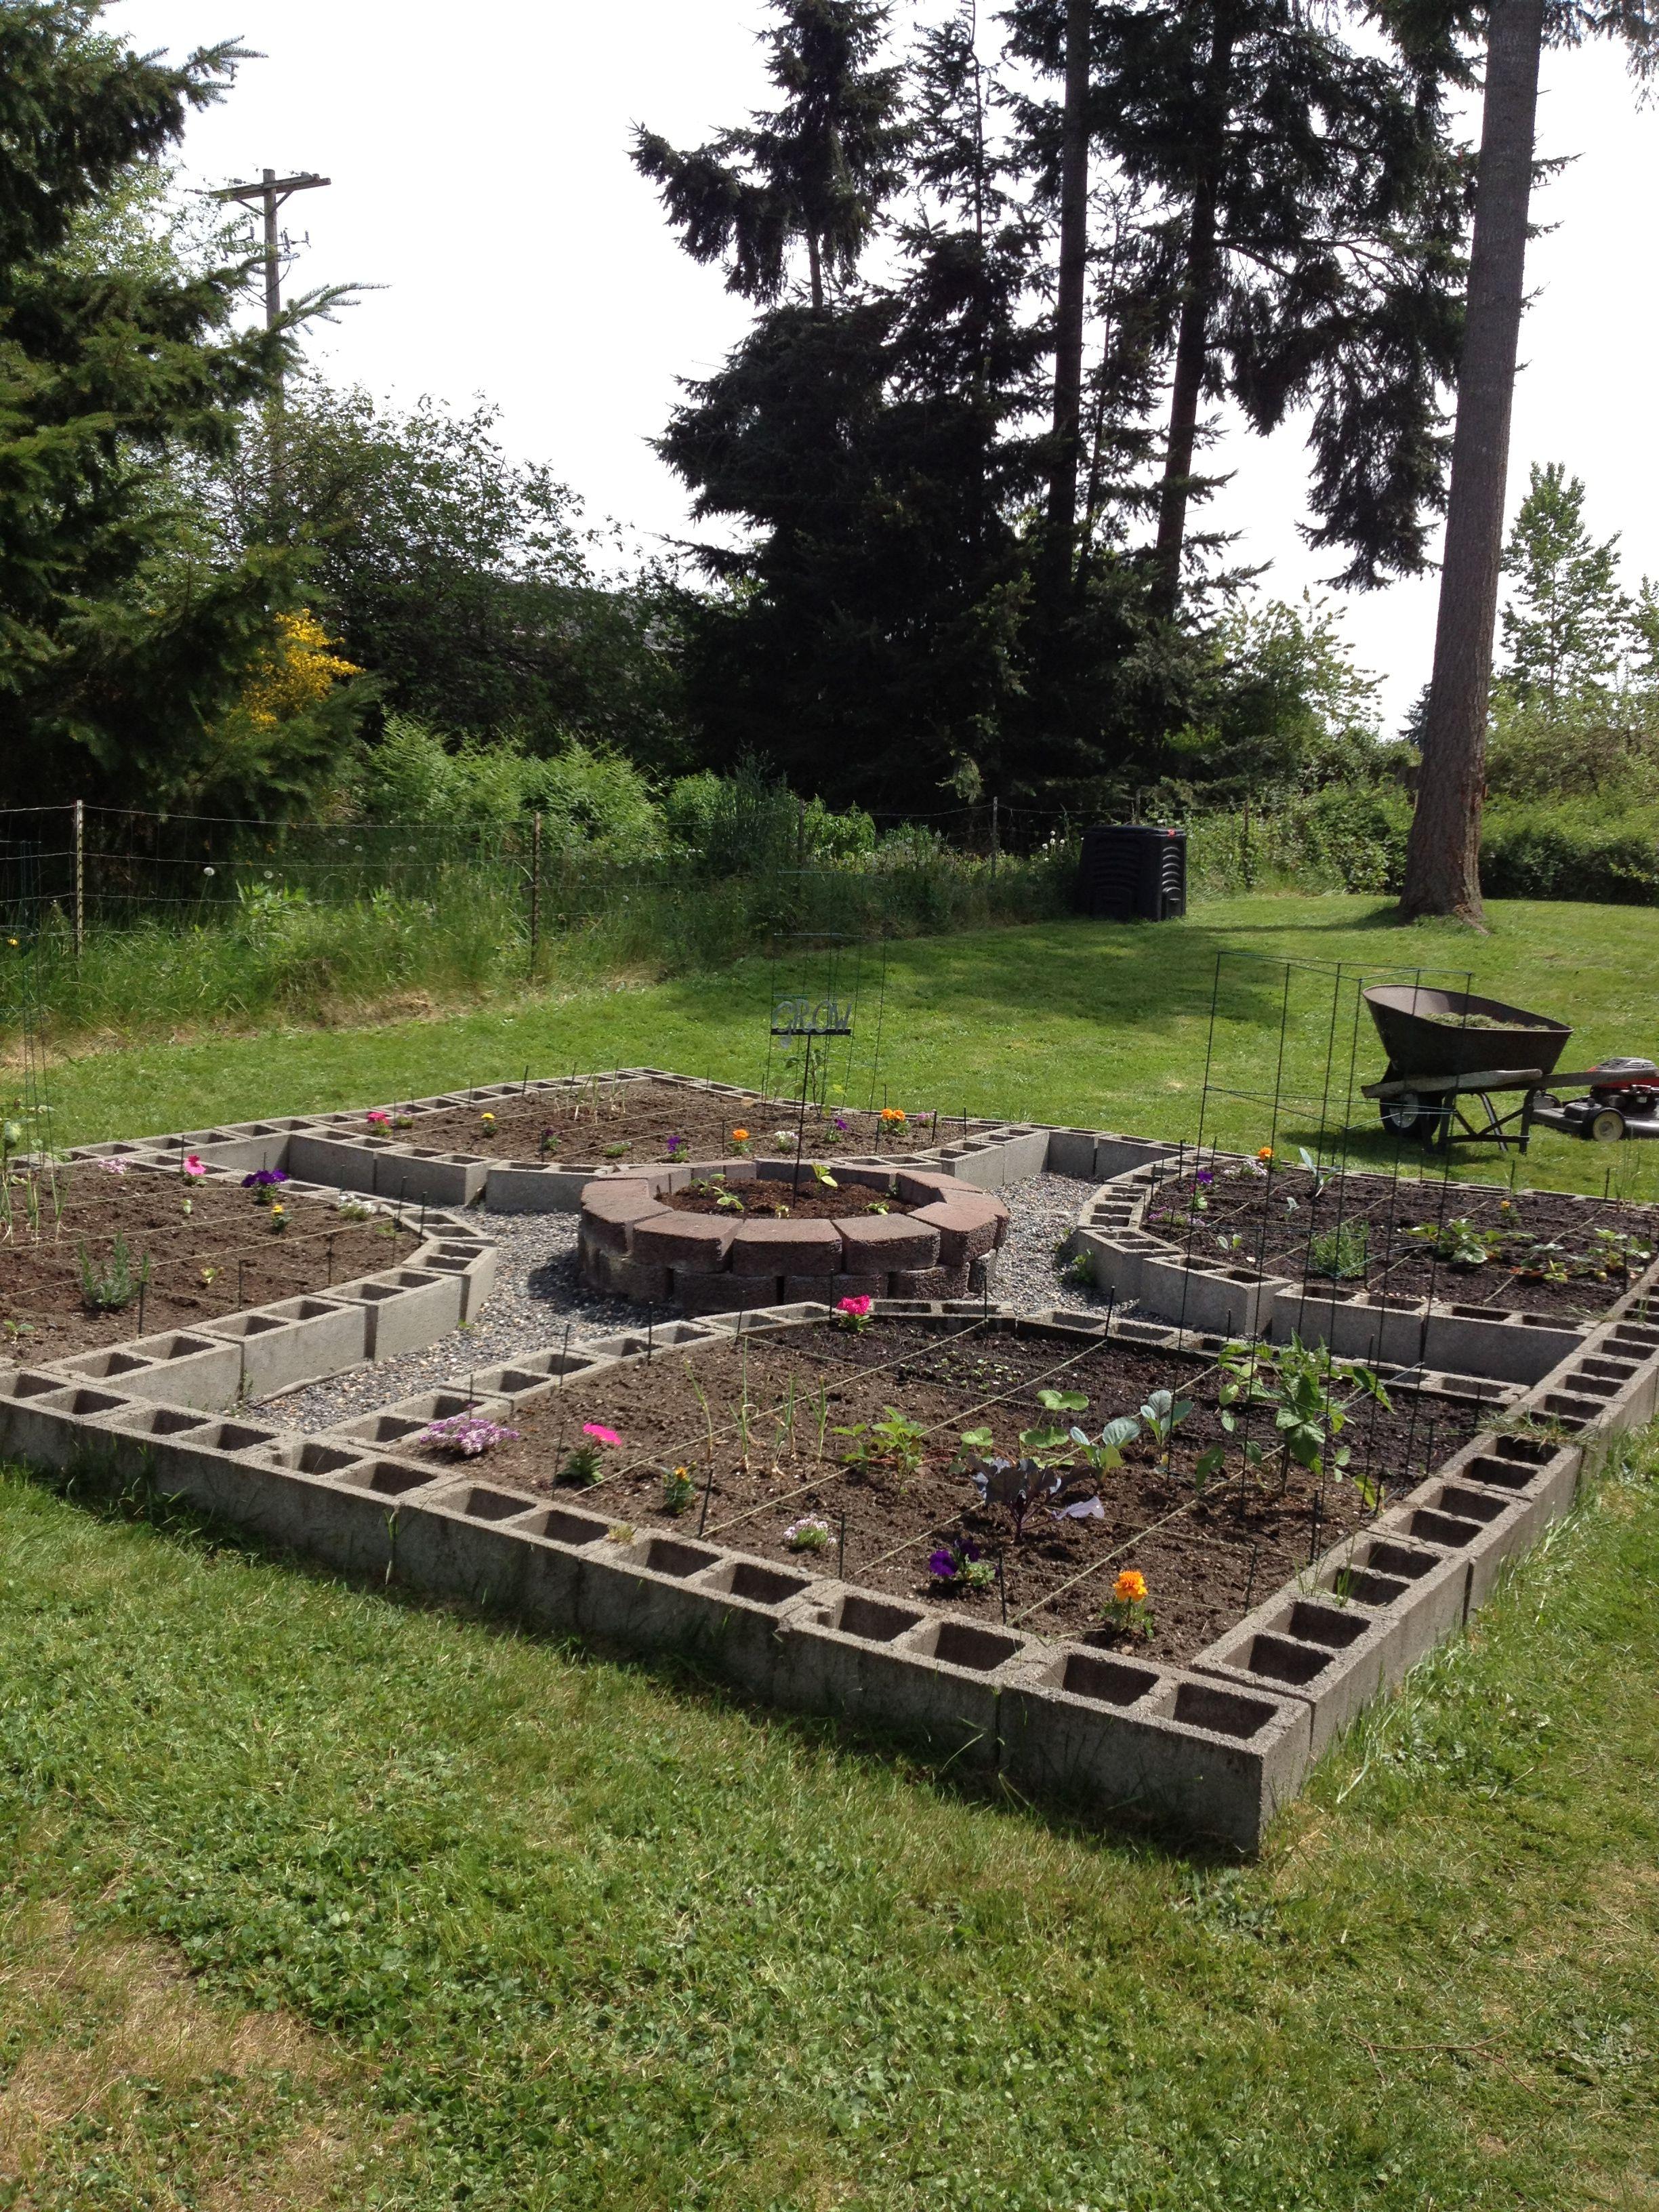 Dise o de la huerta con blocks huerta y jard n for Diseno de jardines caseros